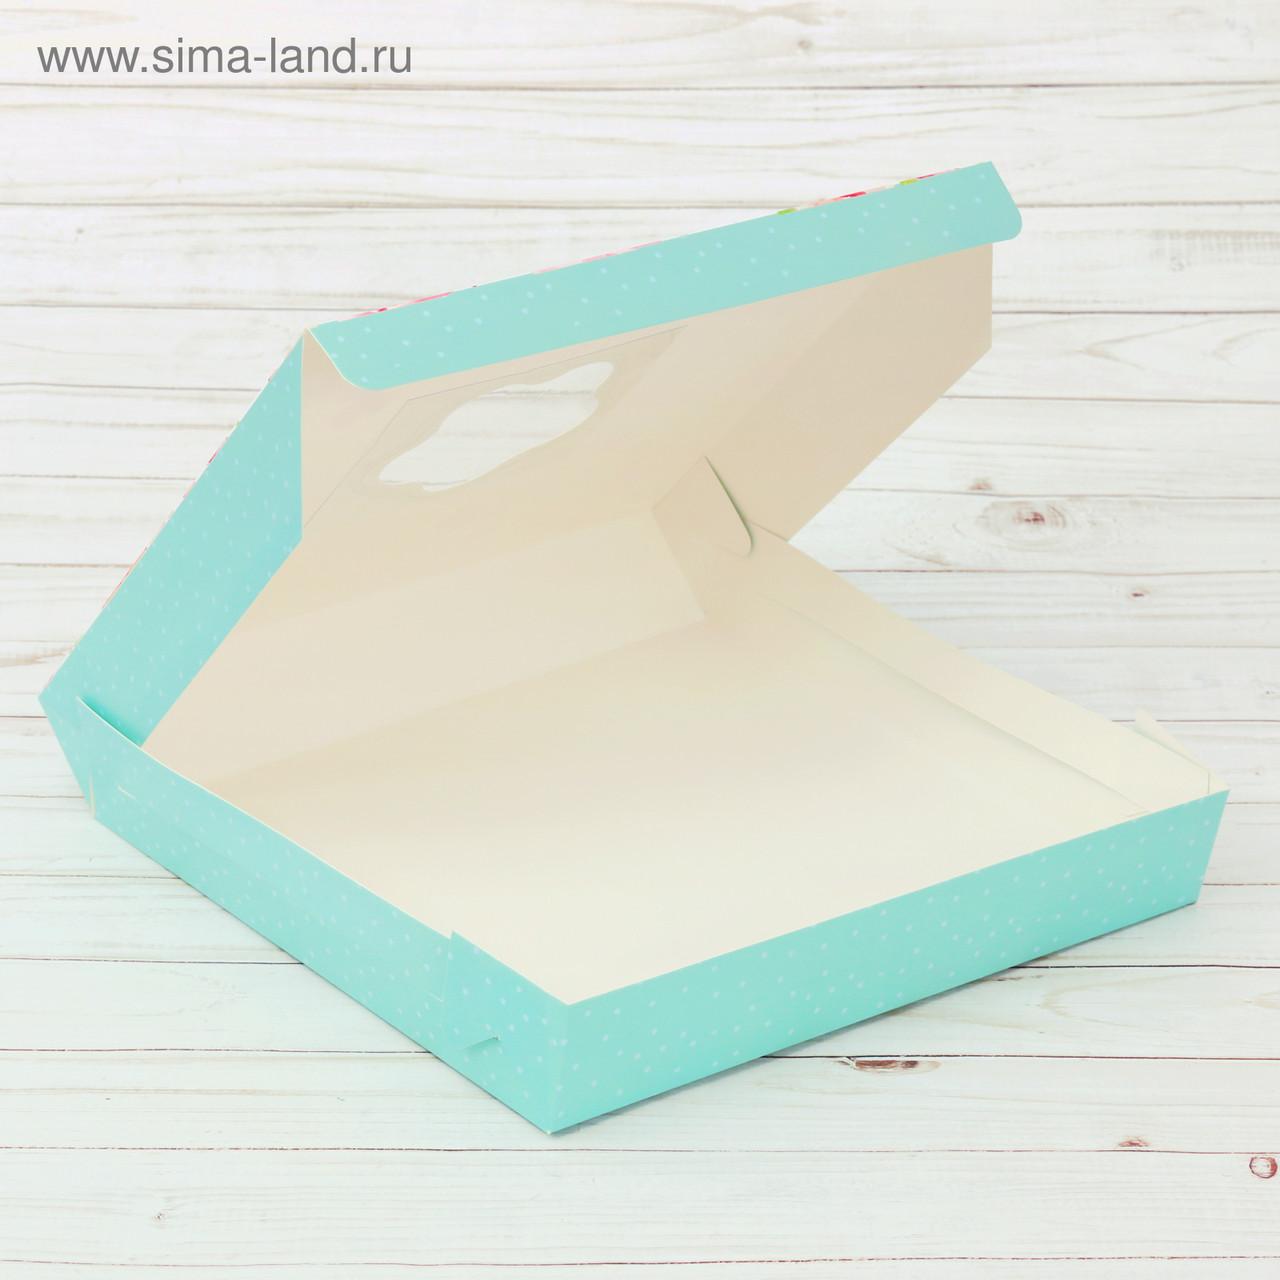 Упаковка для кондитерских изделий «От всей души», 25 × 25 × 4,5 см